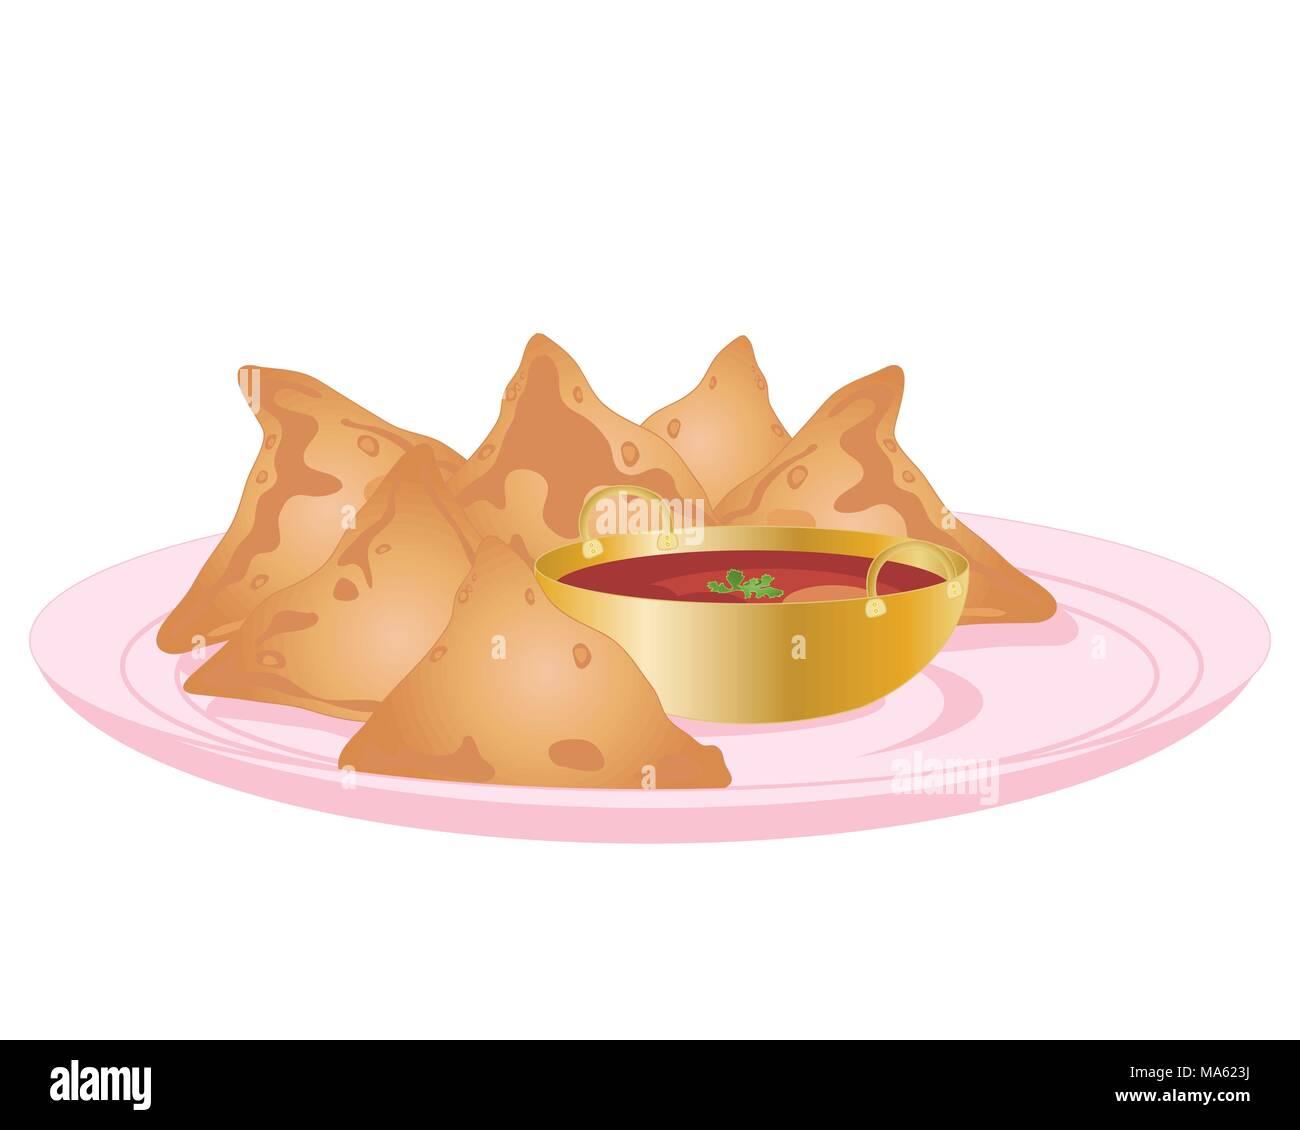 Una illustrazione vettoriale in formato eps formato 10 di alcuni indiani samosa e salsa di immersione in una piccola ciotola dorata su una piastra rosa isolato su uno sfondo bianco Immagini Stock